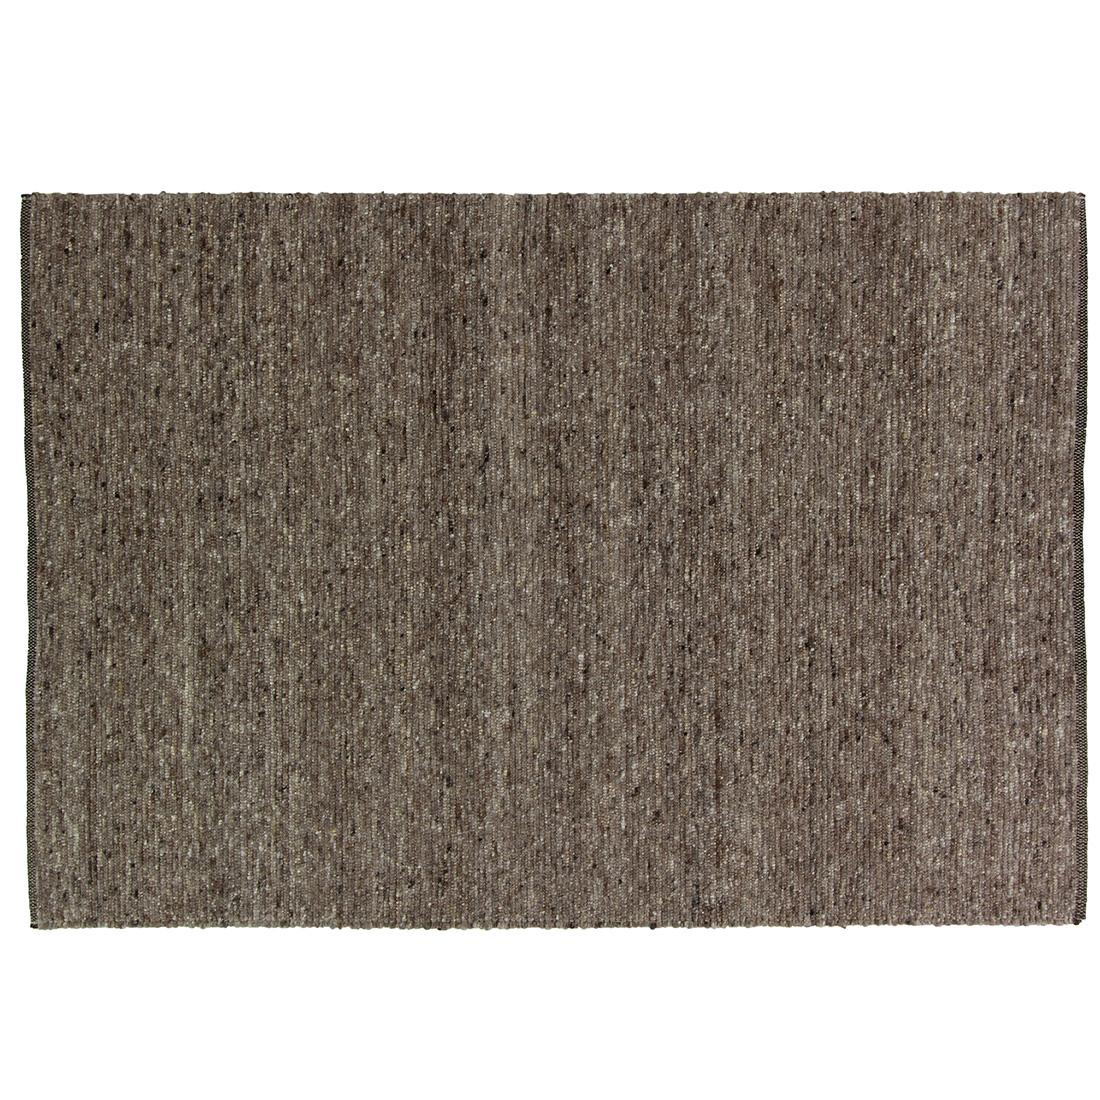 Vloerkleed Brinker Eslo 225 | 170 x 230 cm